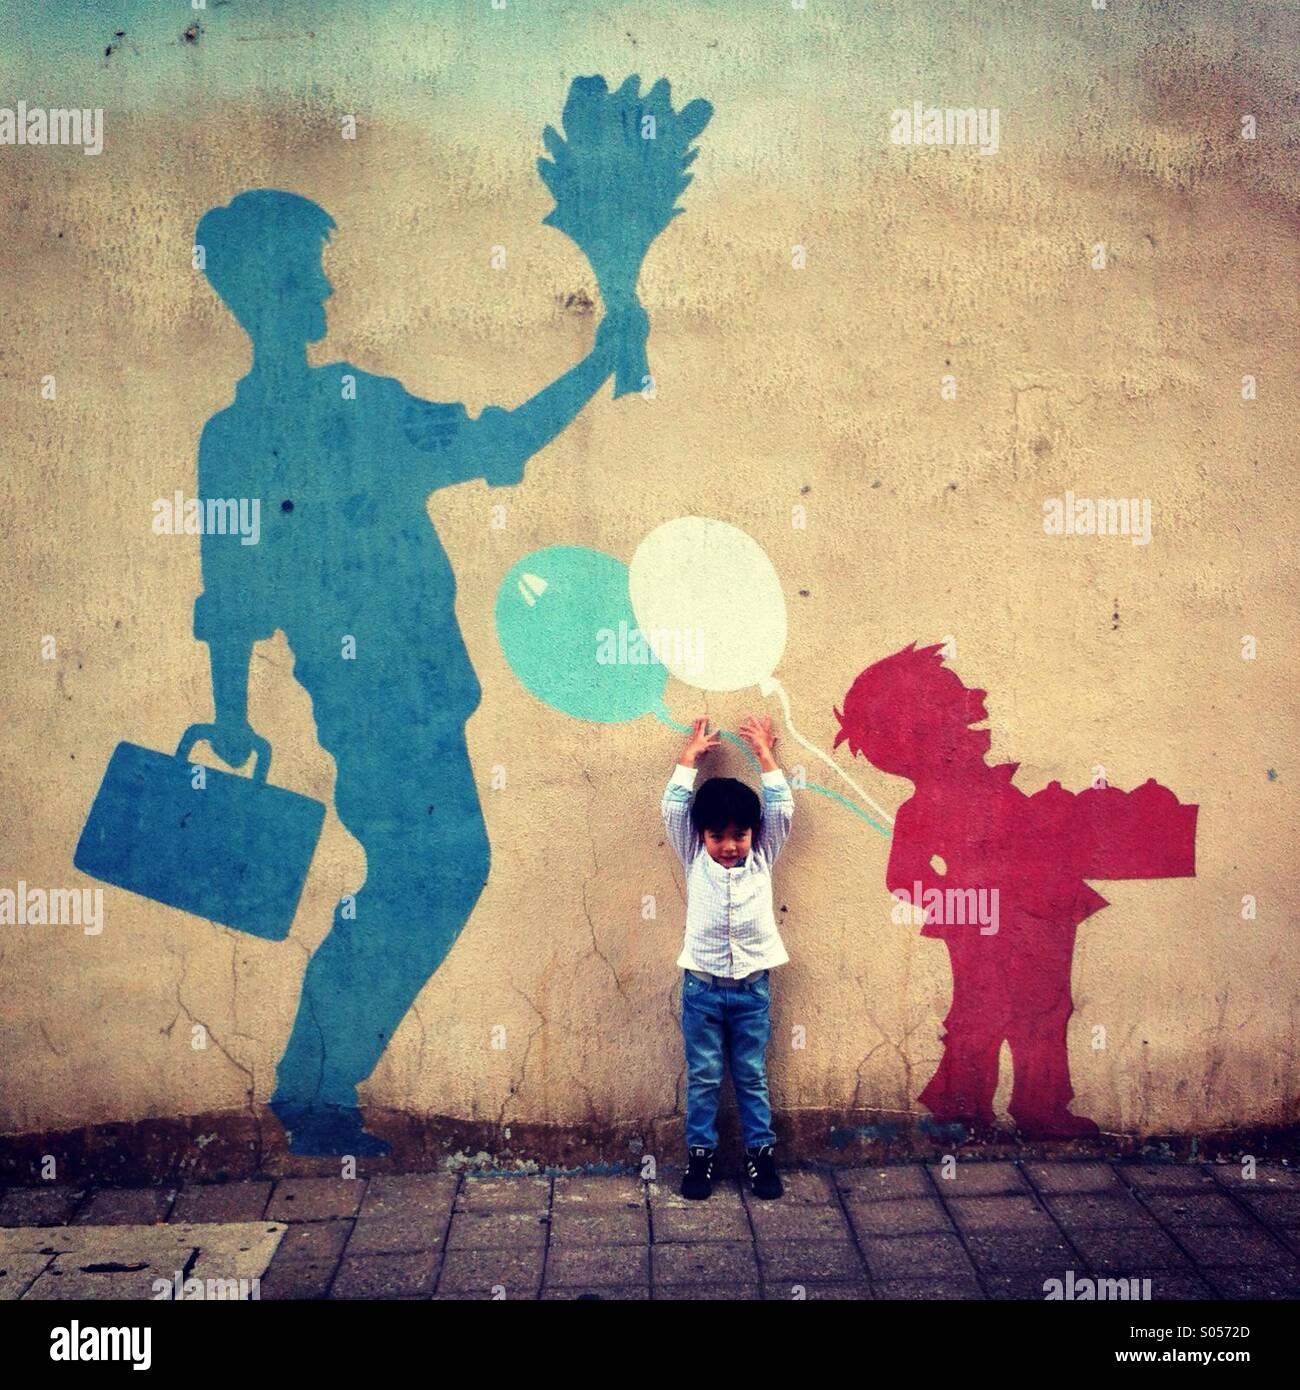 Kleine Junge gerichtete Kamera versucht für den Ballon an die Wand gemalt zu erreichen Stockfoto